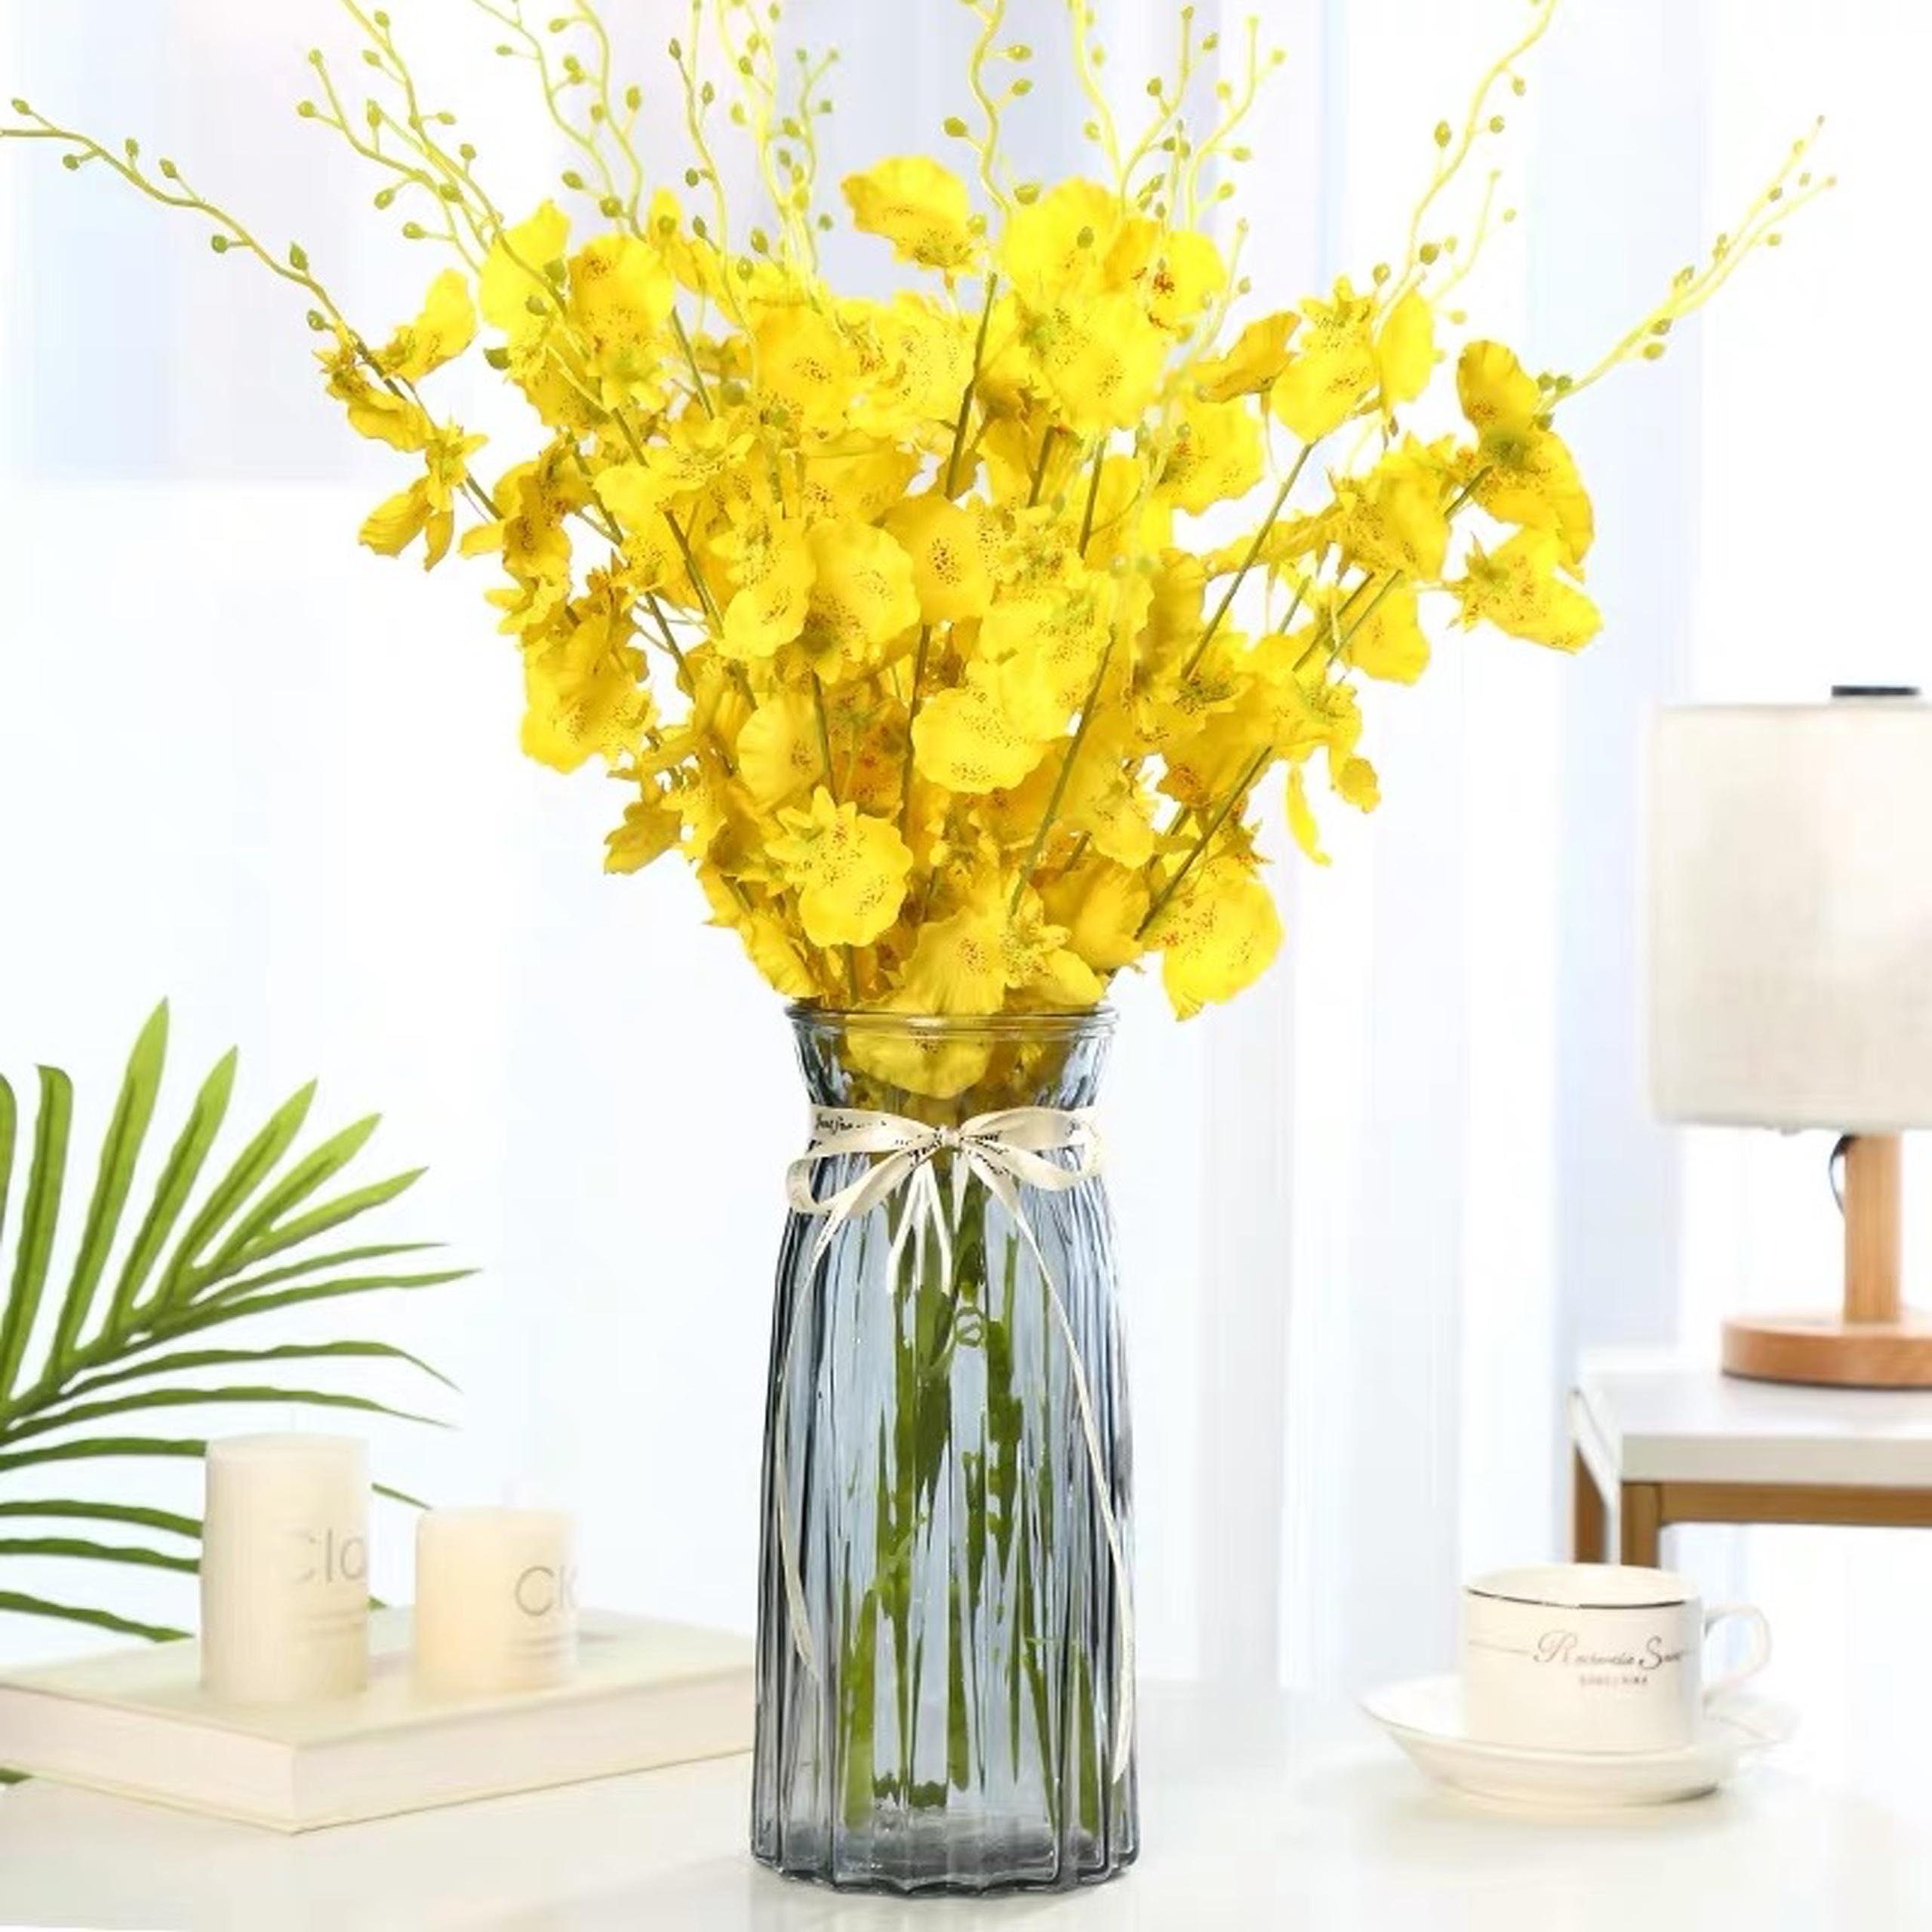 Bình hoa, Lọ cắm hoa thủy tinh hiện đại màu xanh